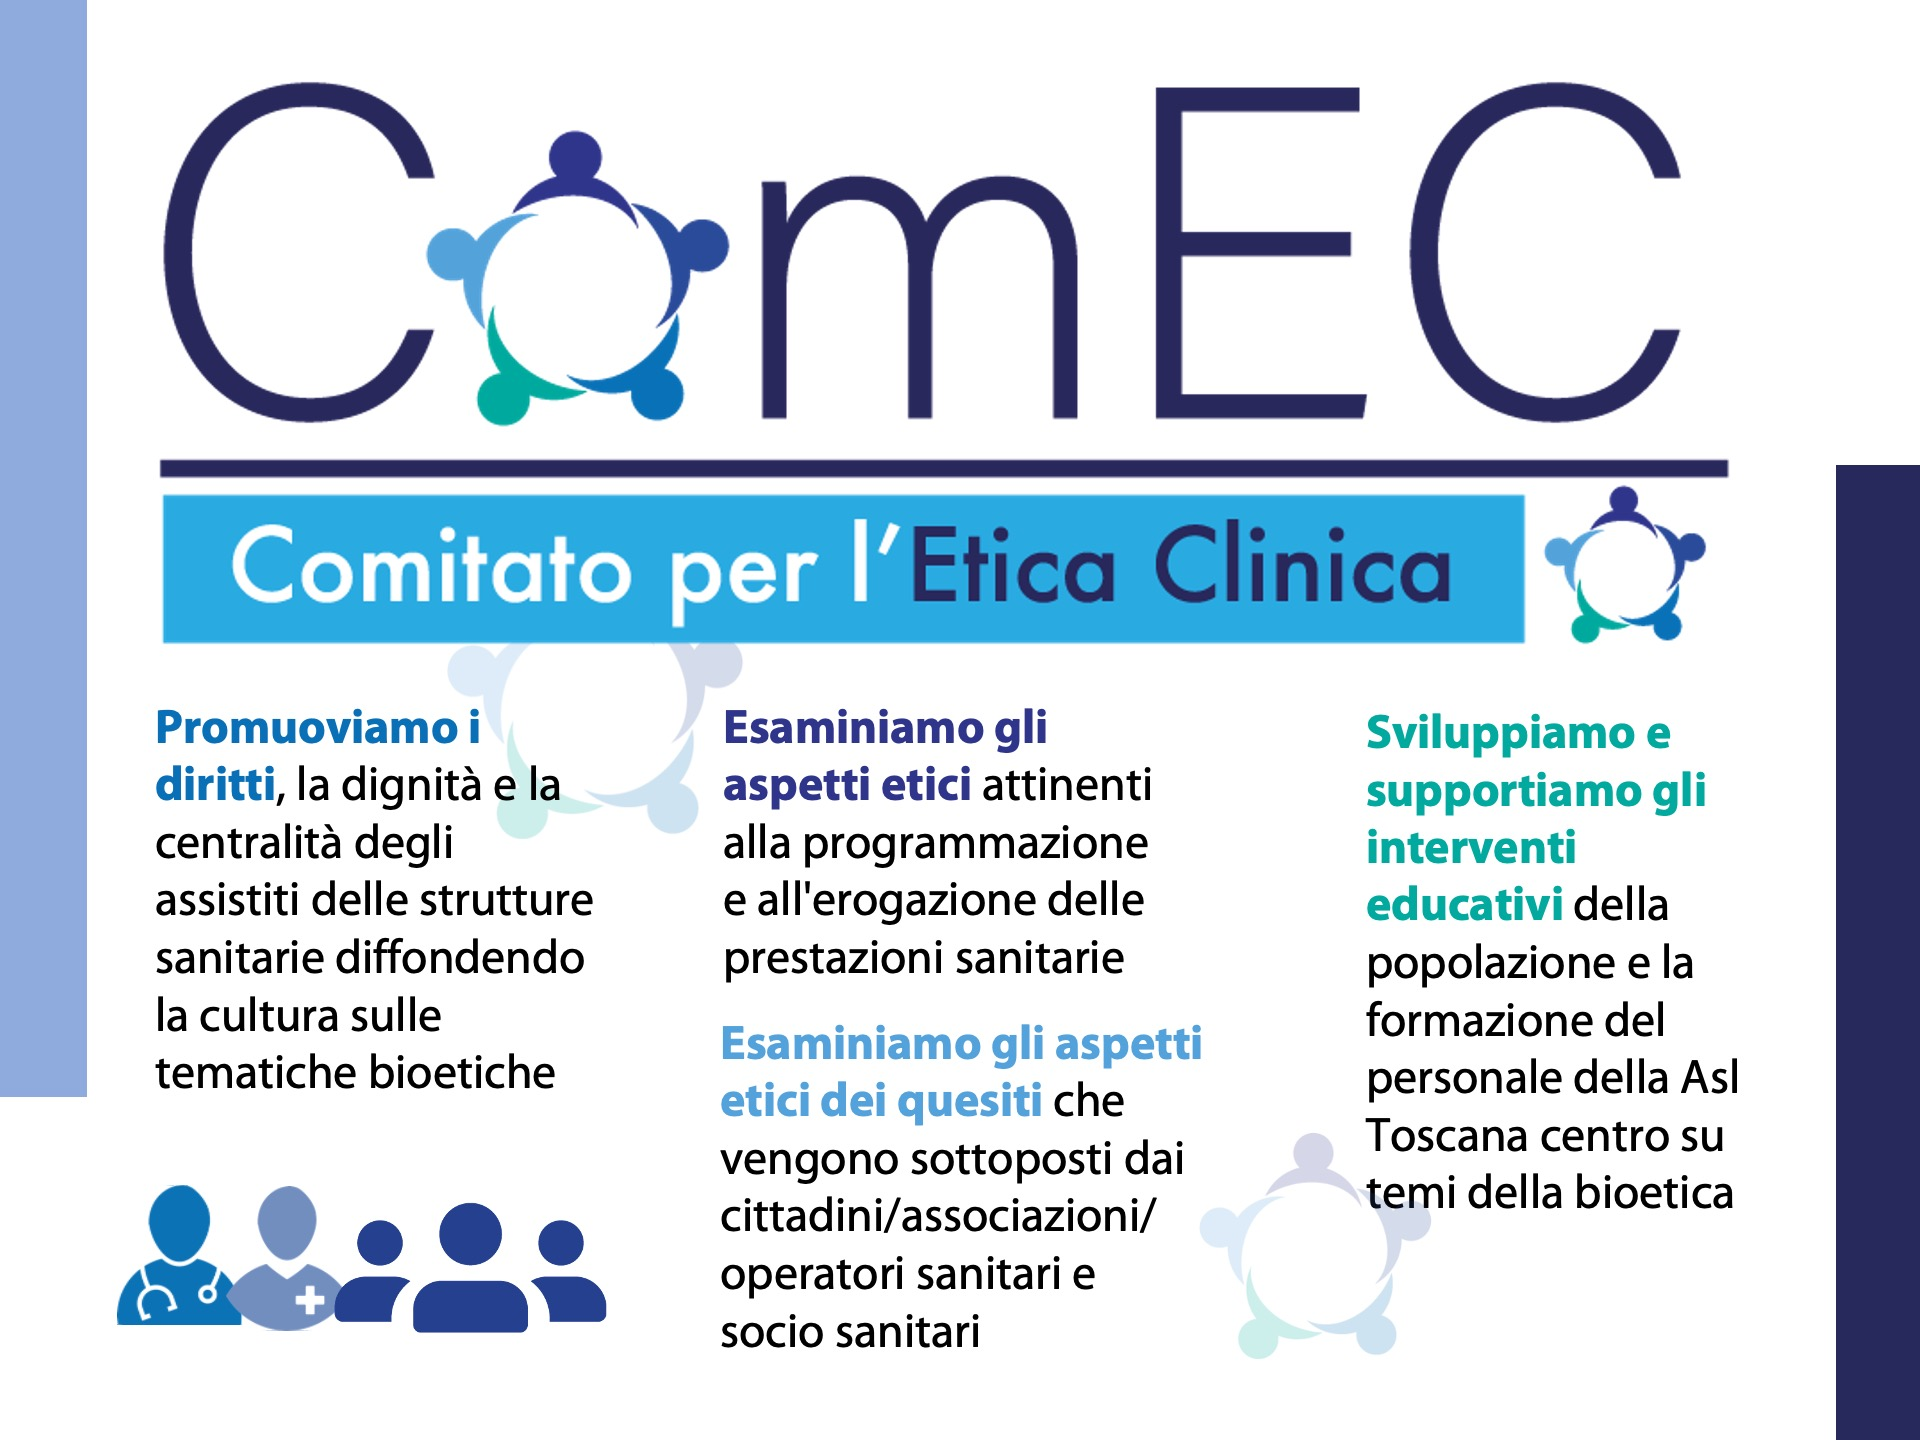 Comitato Etica Clinica